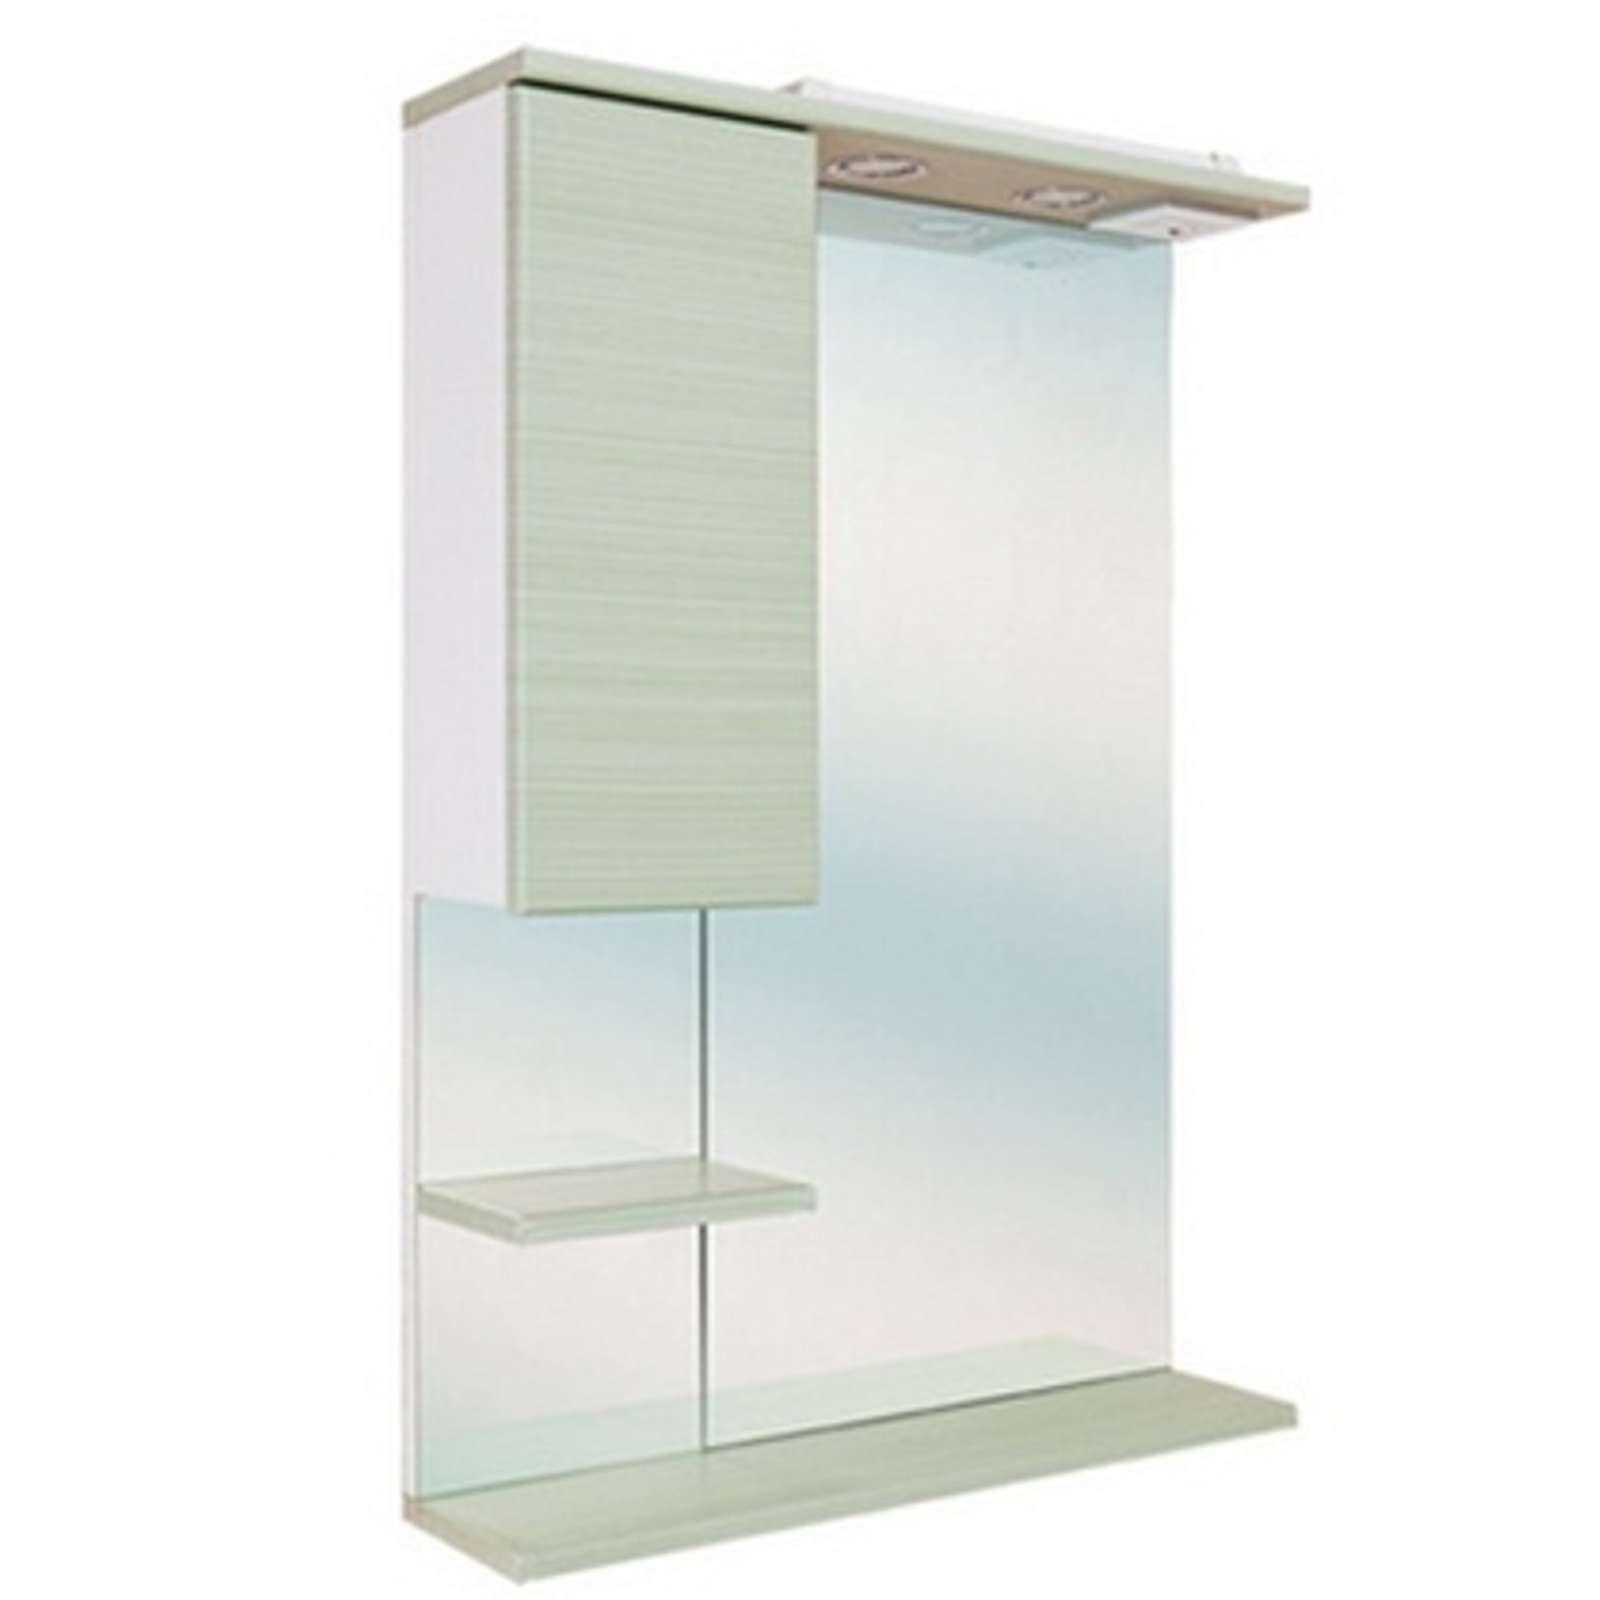 Зеркальный шкаф Onika Элита 60 Олива левый (206021)